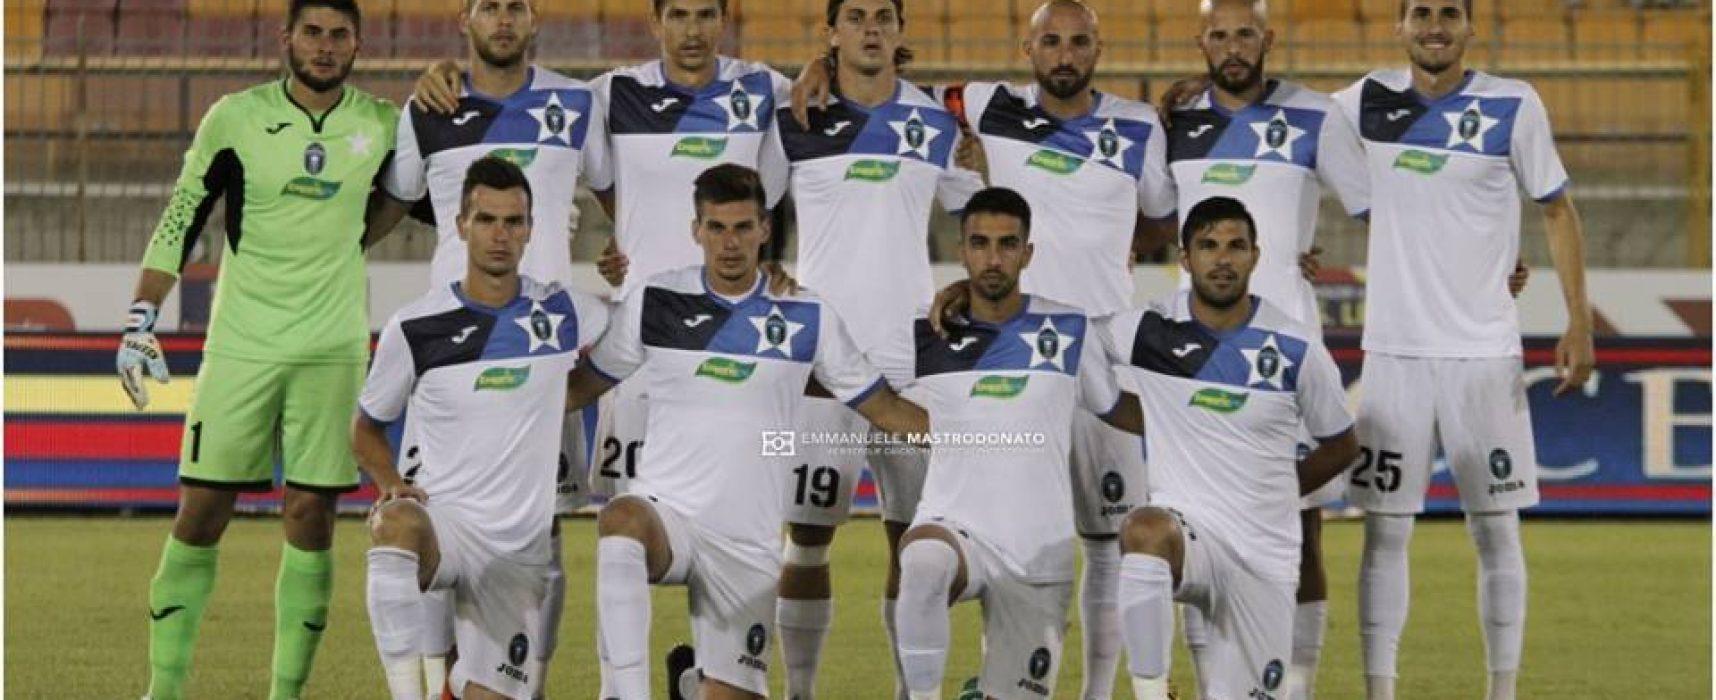 """Bisceglie Calcio, nel turno infrasettimanale arriva la Juve Stabia al """"Ventura"""""""